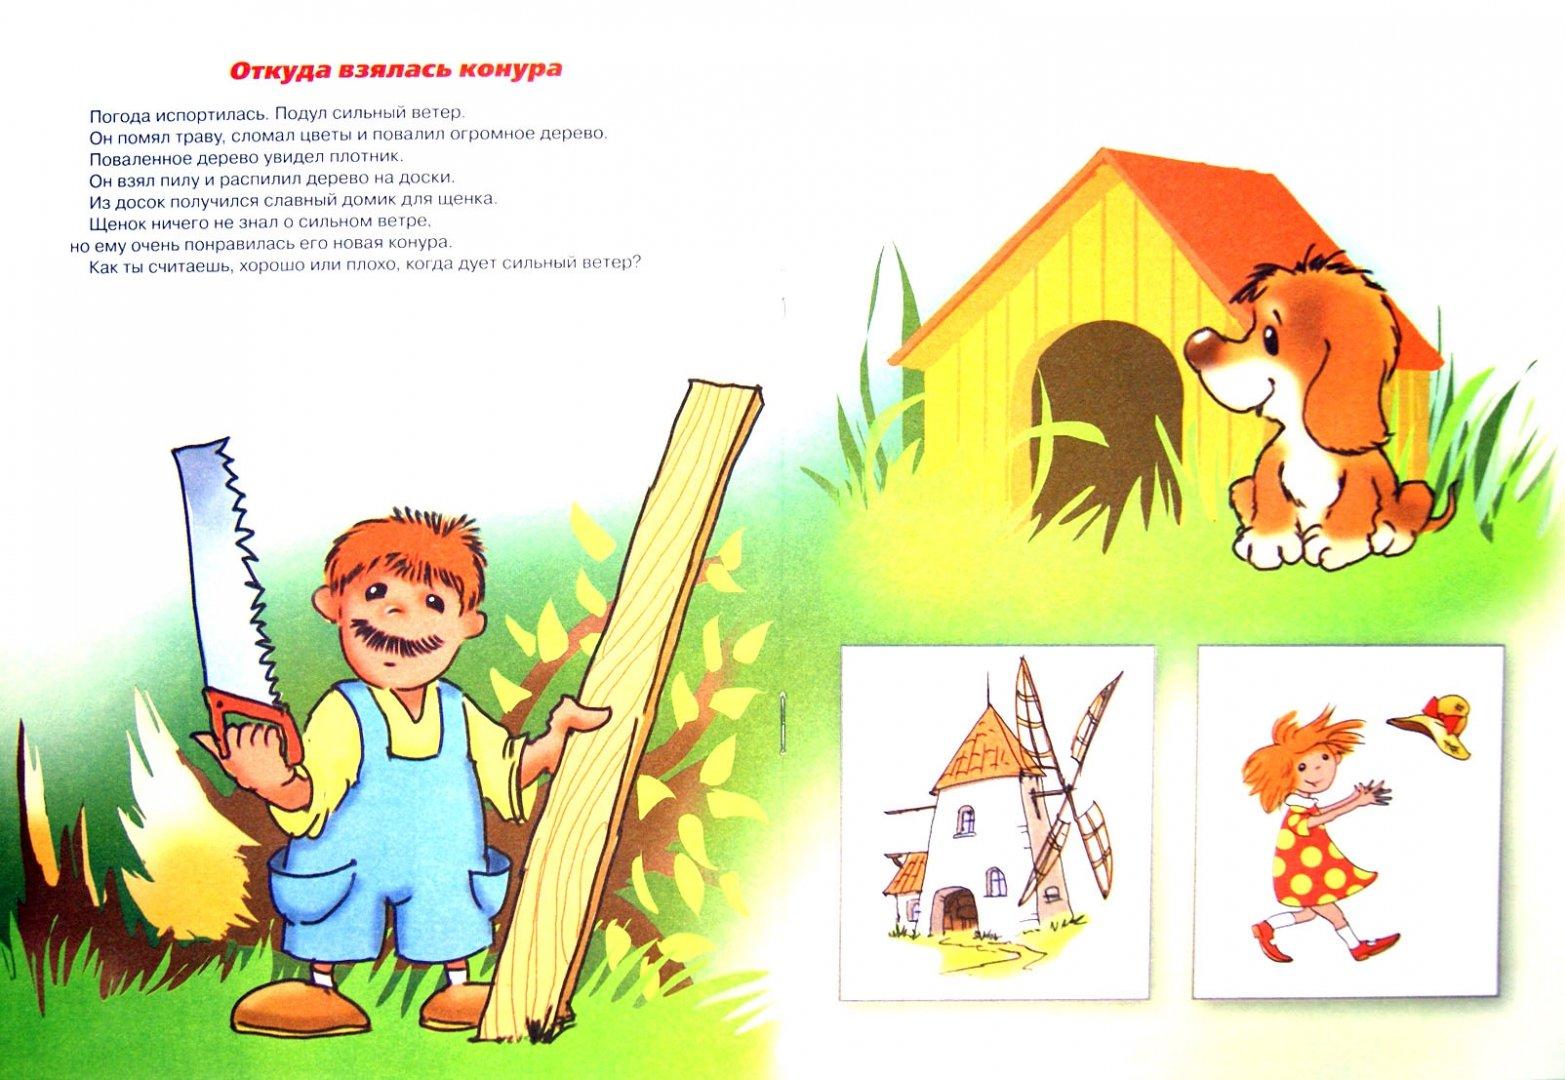 Иллюстрация 1 из 4 для Хорошо или плохо - Т. Куликовская   Лабиринт - книги. Источник: Лабиринт